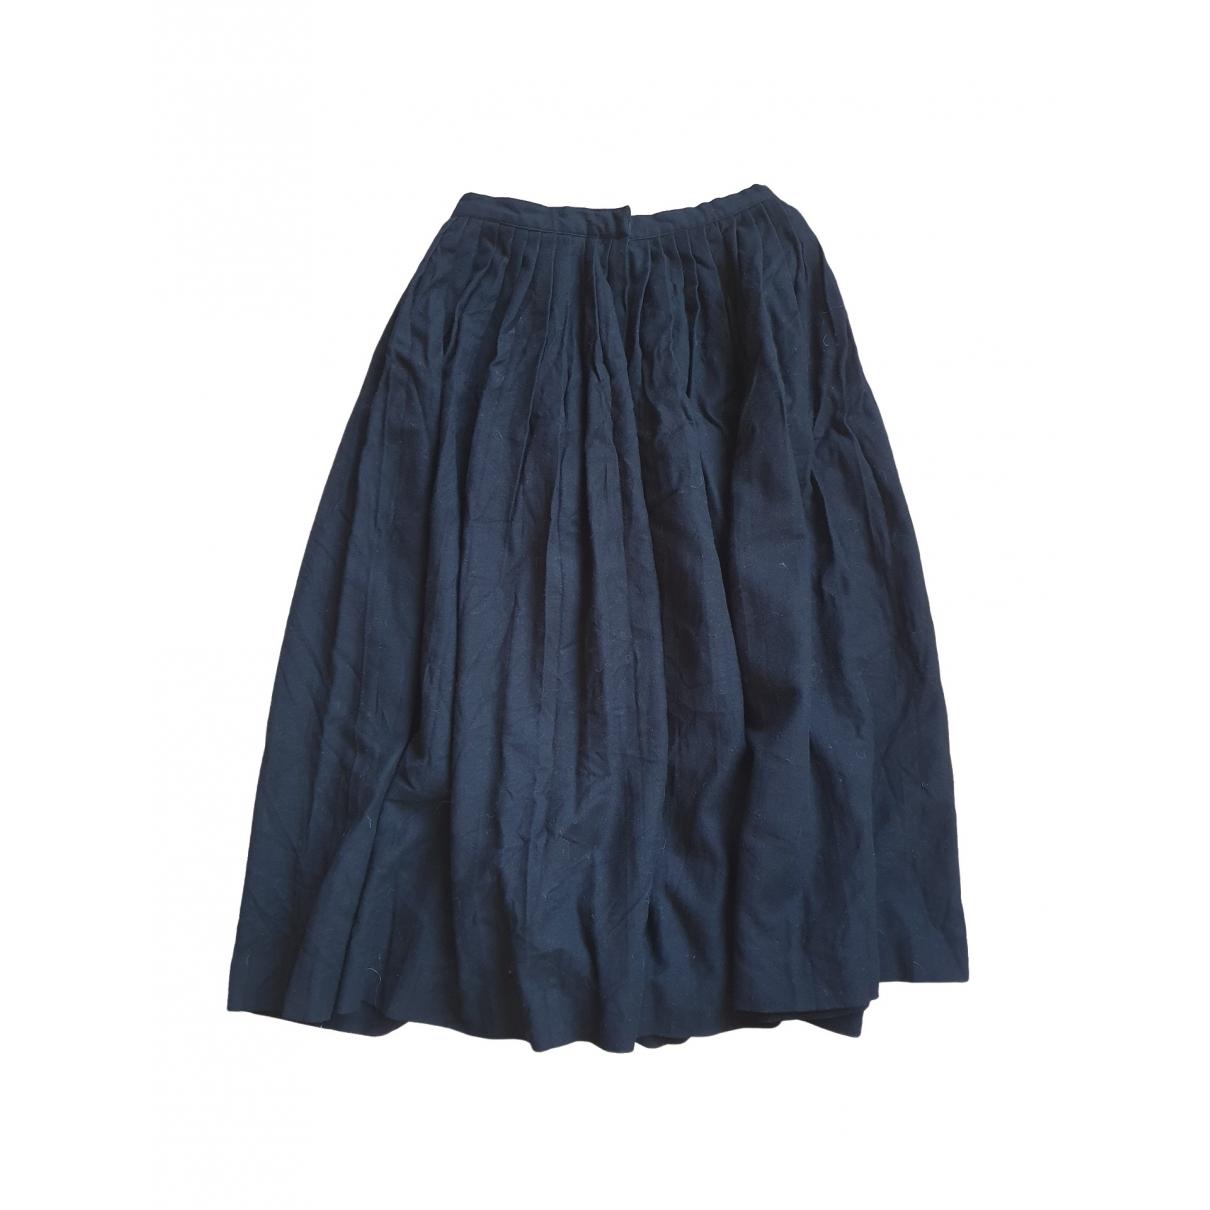 Dior \N Black Wool skirt for Women 38 FR